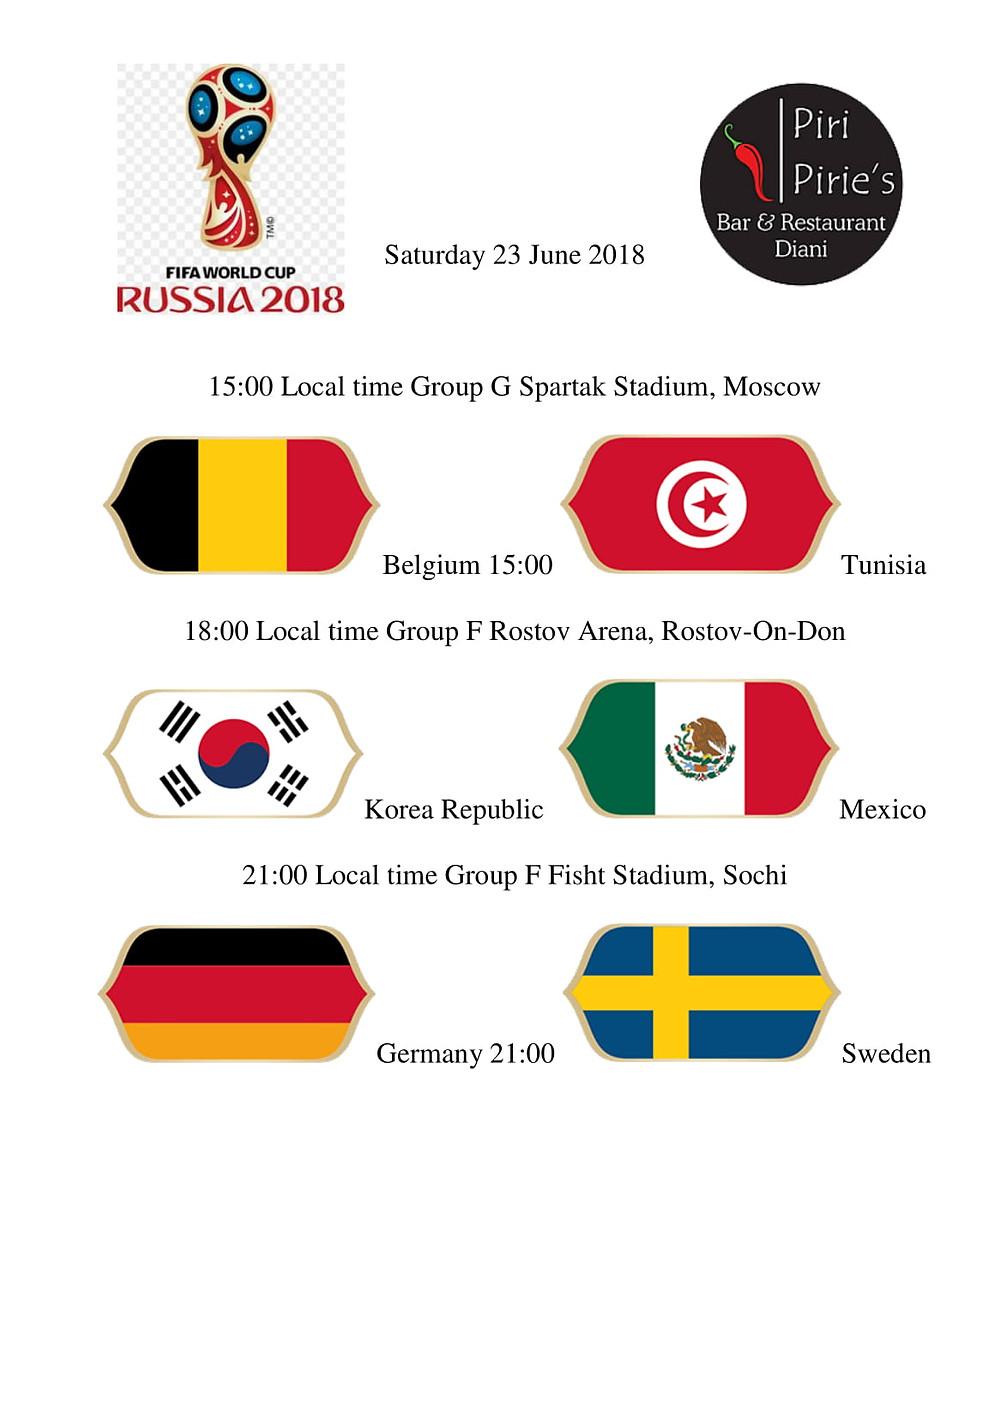 15:00 Belguim vs Tunisia, 18:00Korean Republic vs Mexico, 21:00 Germany vs Sweden